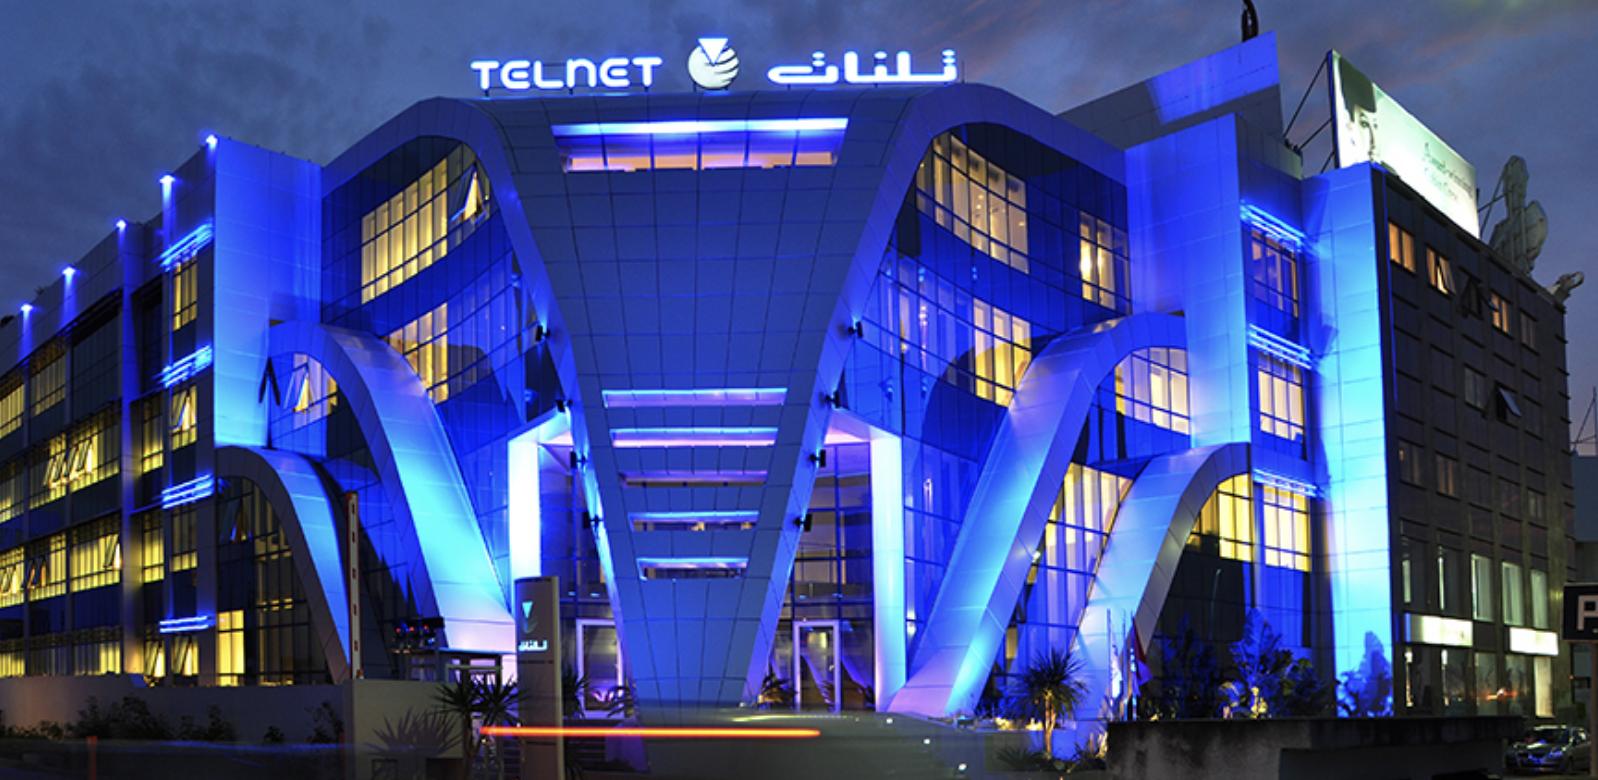 Tunisie : Le groupe Telnet Holding a conçu le tout premier satellite tunisien qui sera lancé dans l'espace le 20 mars 2021